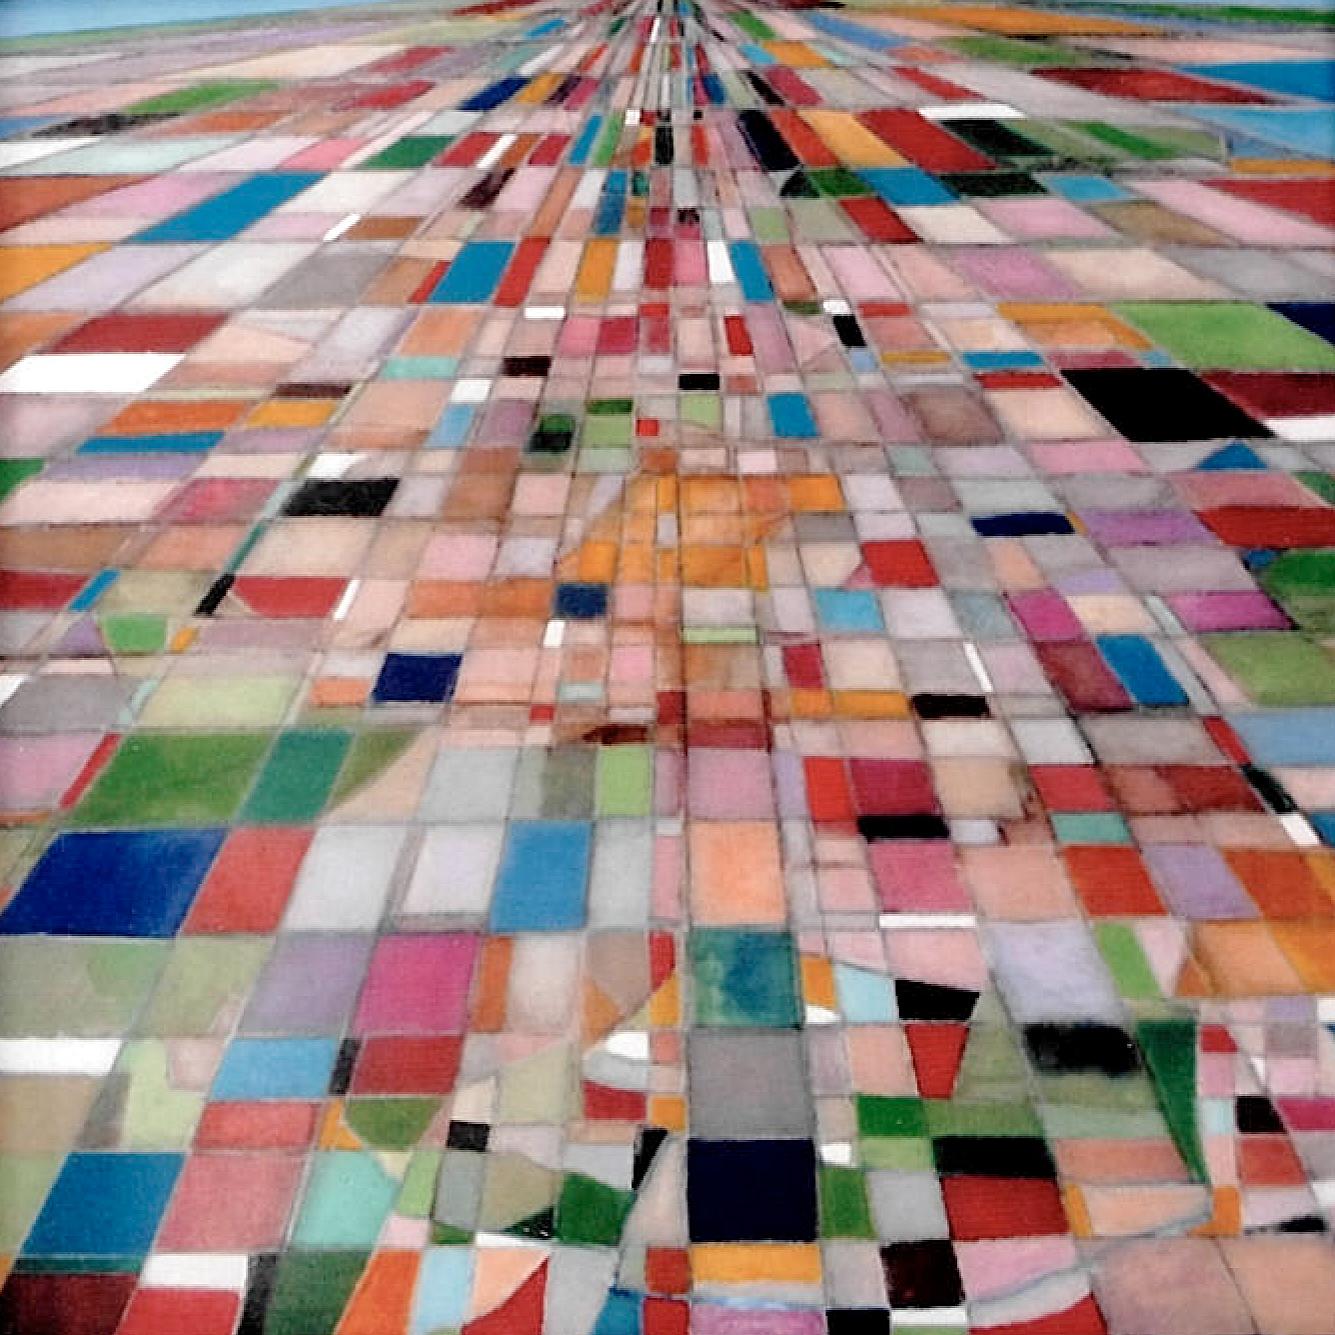 L'approche - Acrylique sur toile - 100x100 cm